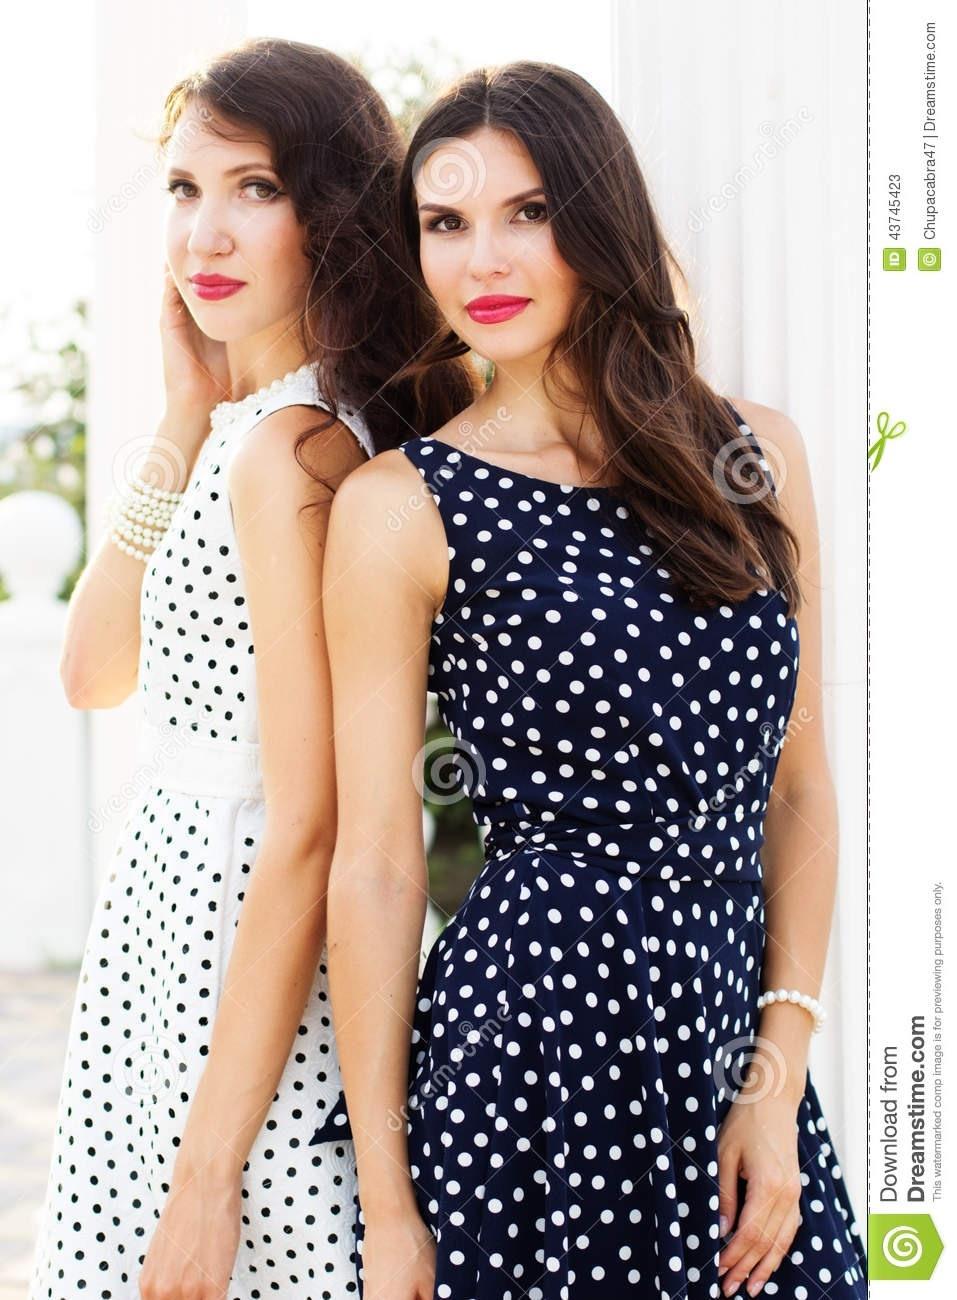 Abend Coolste Hübsche Kleider ÄrmelAbend Fantastisch Hübsche Kleider Ärmel